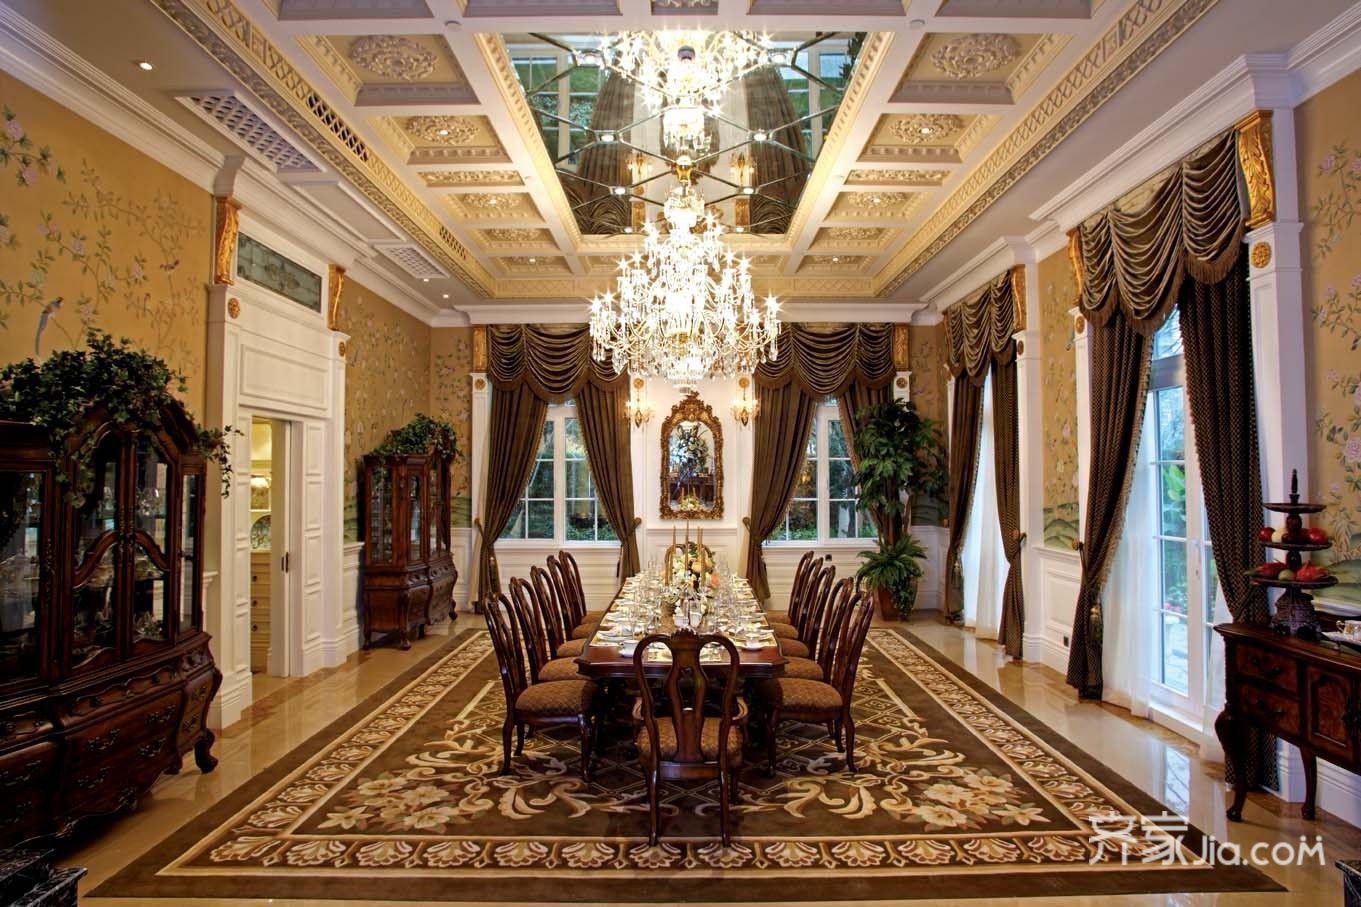 美式豪华别墅装修餐厅装潢图